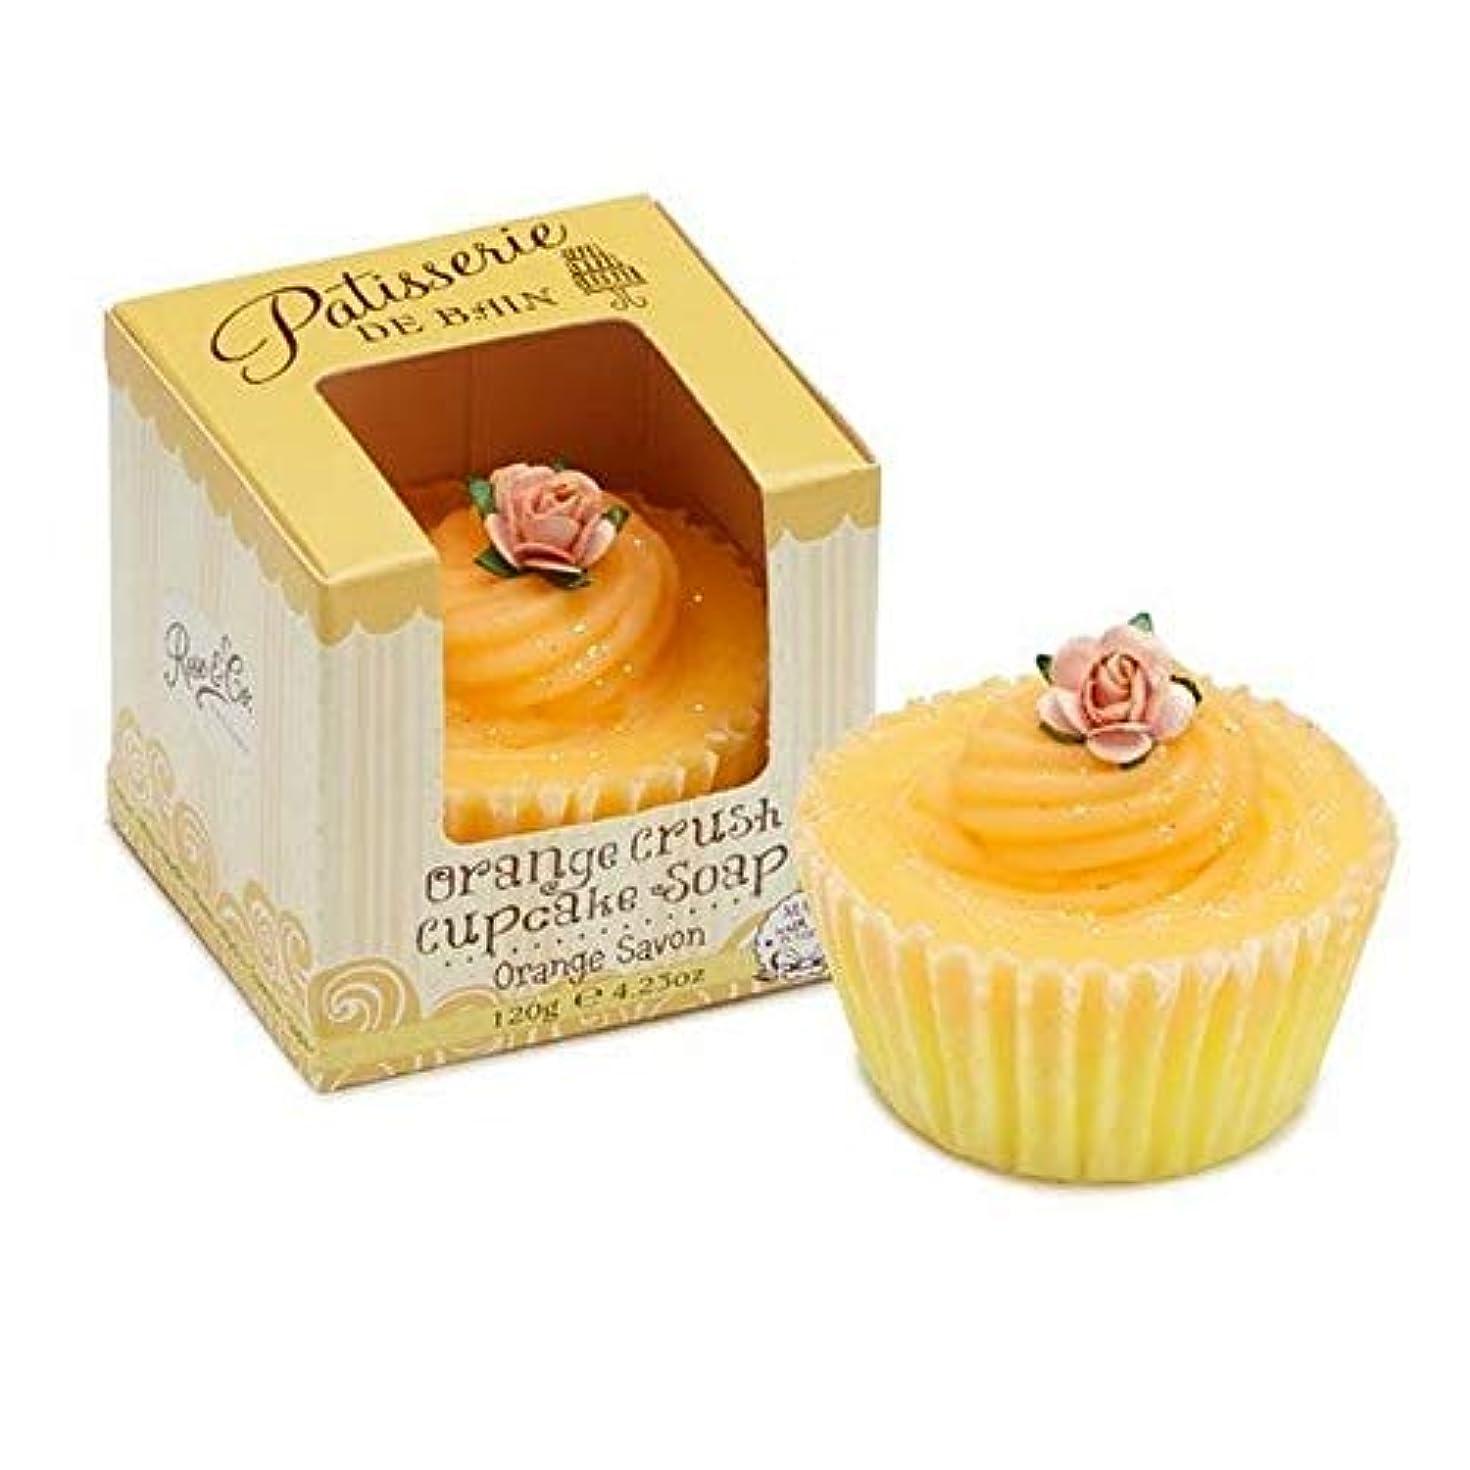 花嫁ドアミラー不良品[Patisserie de Bain ] パティスリー?ド?ベインオレンジクラッシュカップケーキソープ120グラム - Patisserie de Bain Orange Crush Cupcake soap 120g...